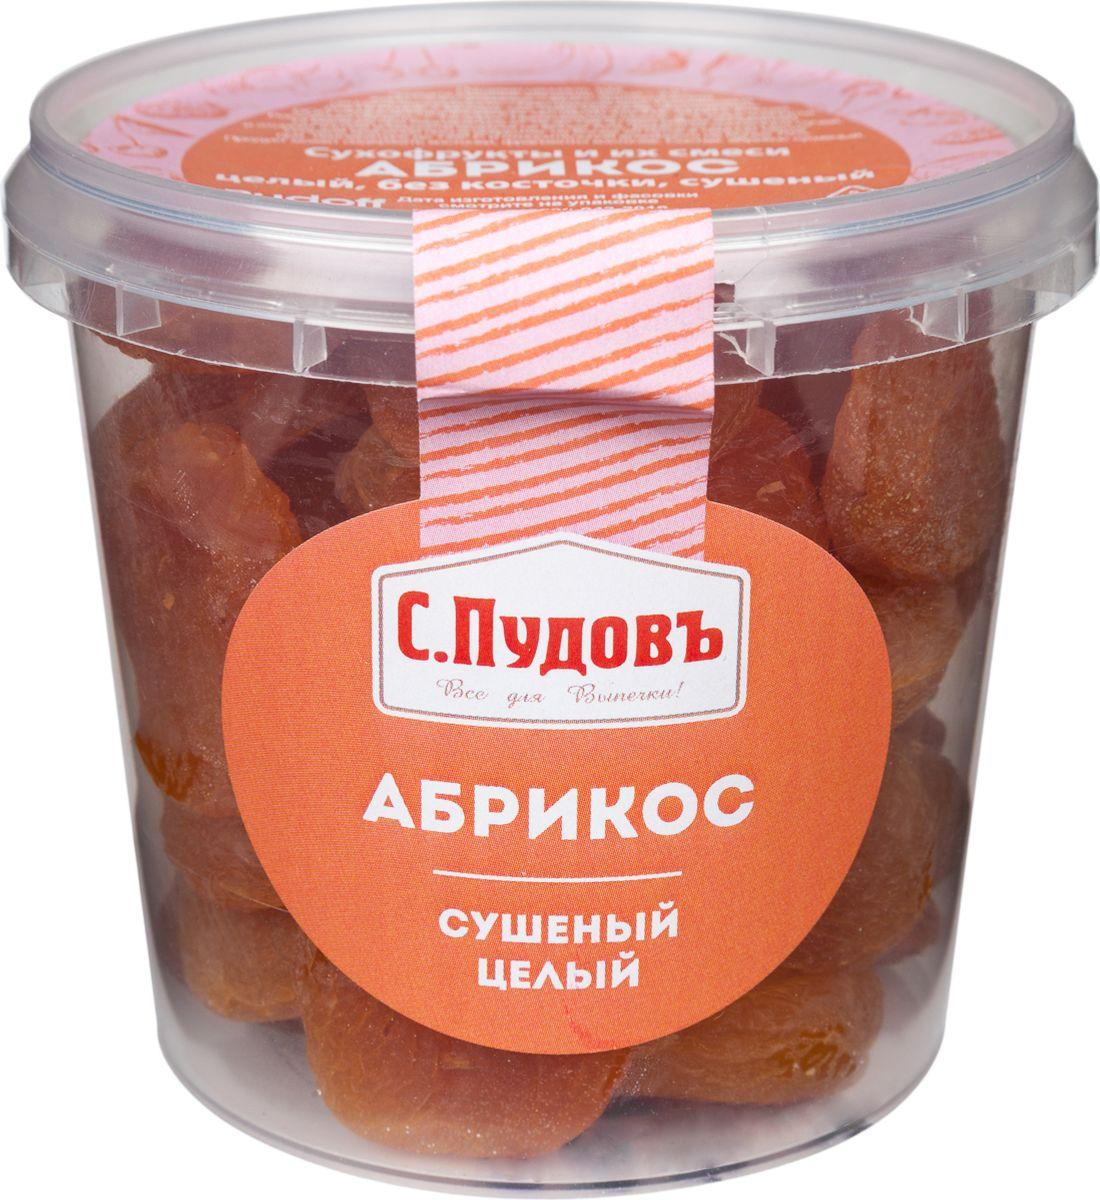 Пудовъ абрикос сушеный целый, 250 г4607012297624Сушеные абрикосы от торговой марки С. Пудовъ обладают высокими вкусовыми качествами, быстро утоляют чувство голода, обогащают организм витаминами и микроэлементами. Это не только очень вкусный, но и необыкновенно полезный продукт.